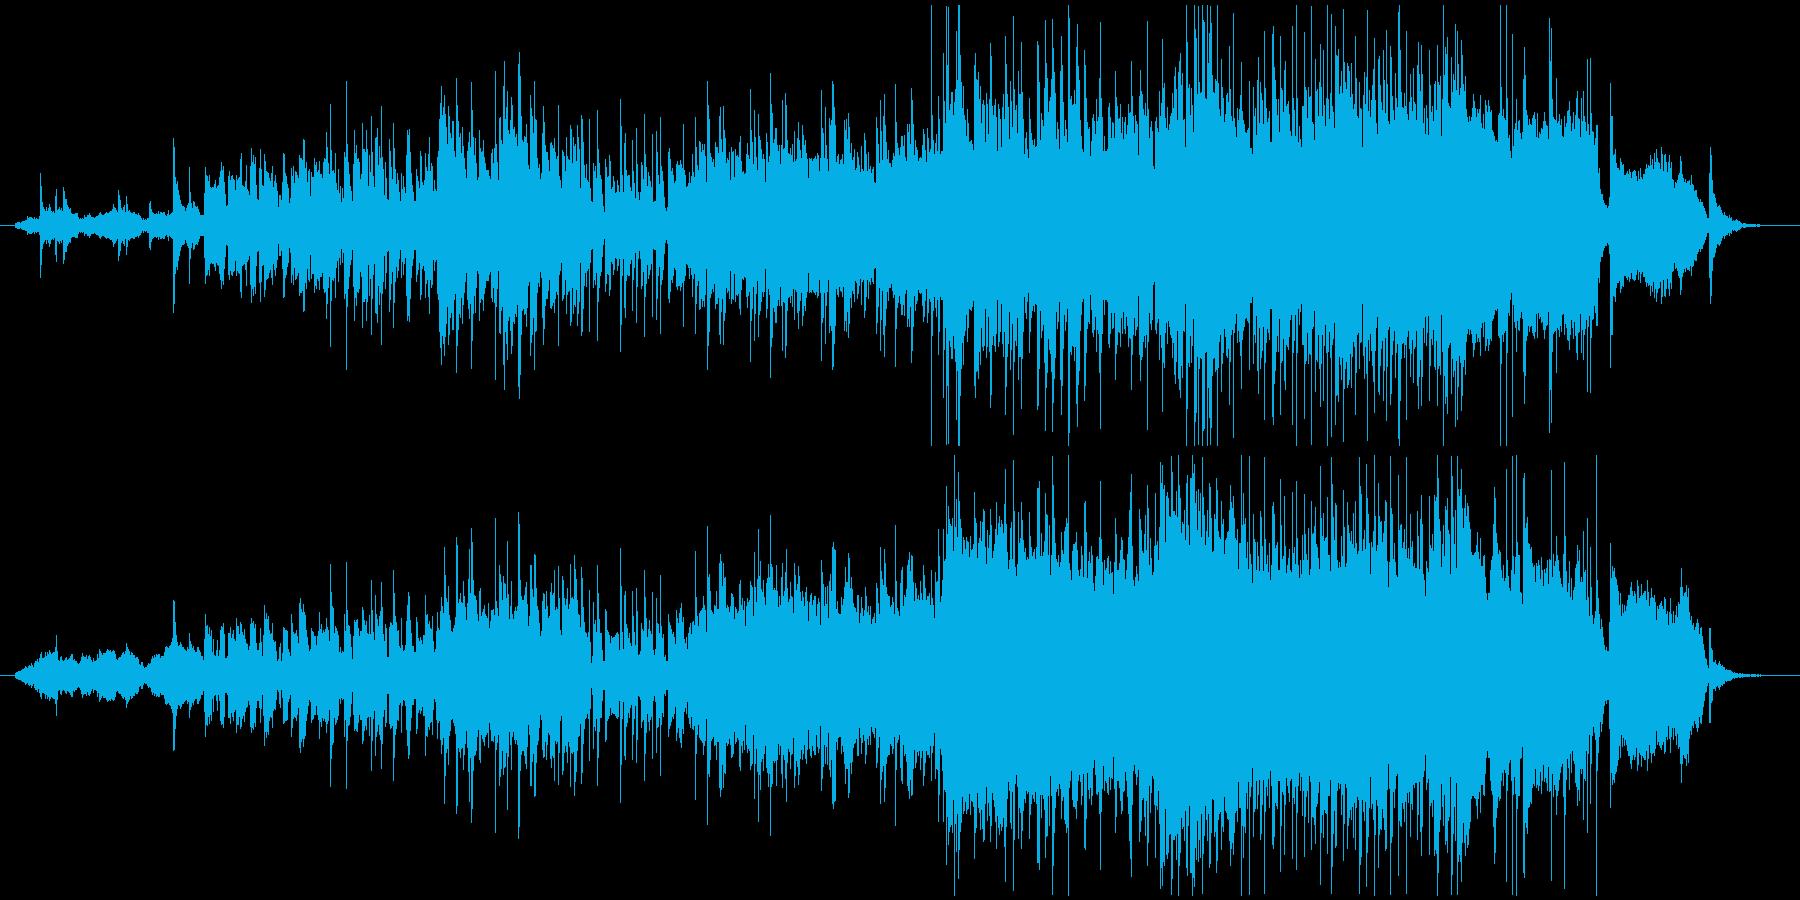 明るくて勢いのある力強いメロディーの再生済みの波形